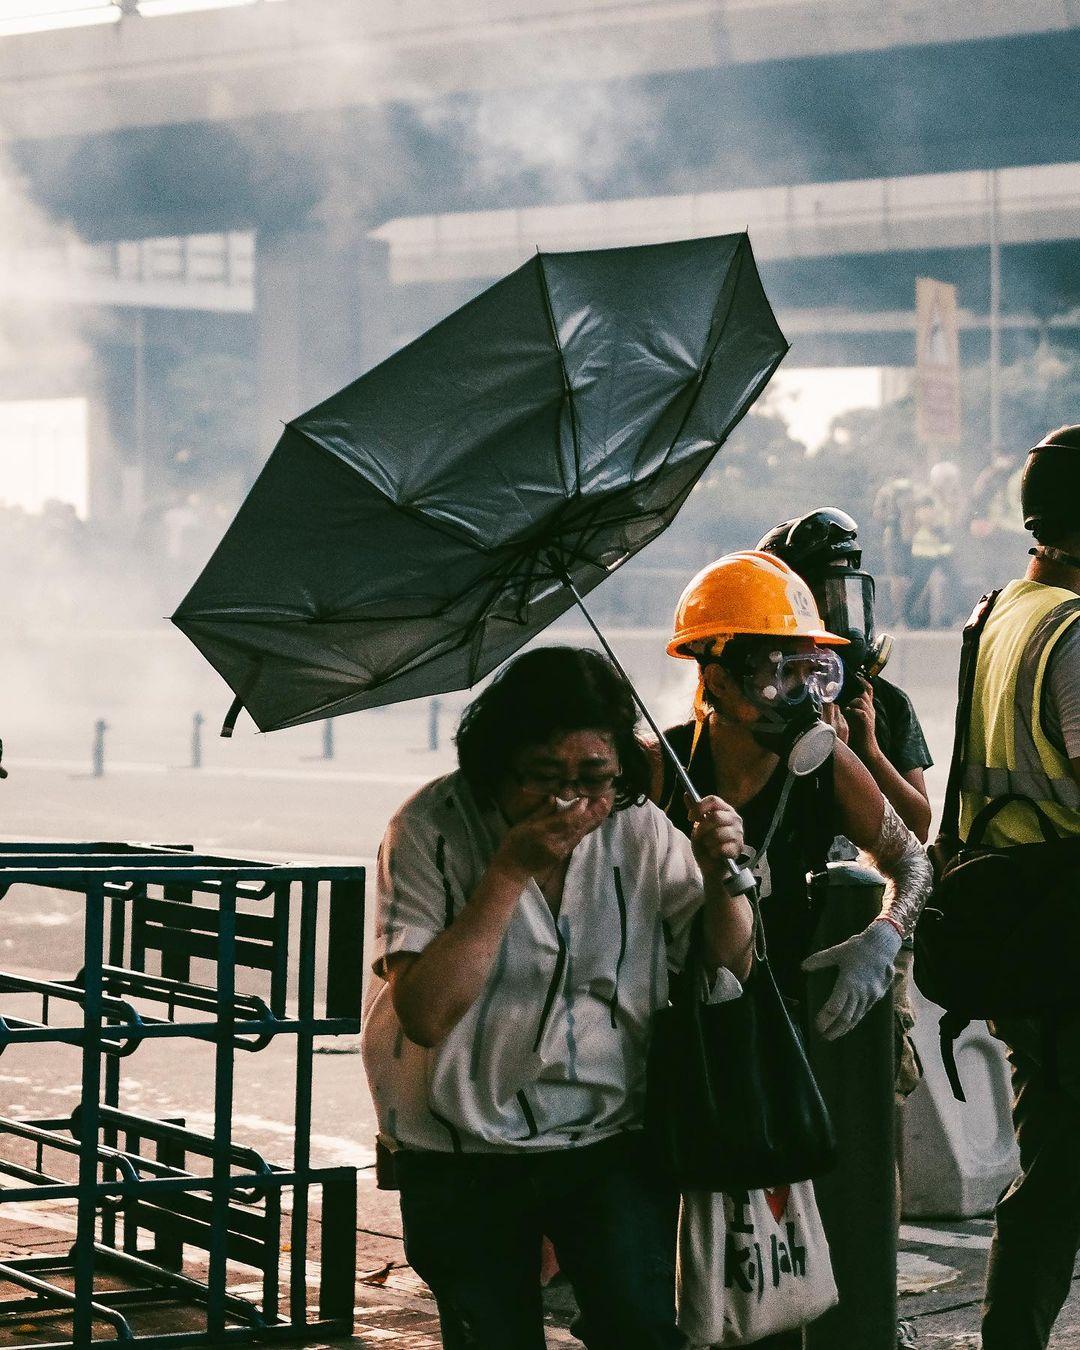 《幽暮之城》攝影集 Deacon Lui 反修例運動 攝影師 記者 市民 催涙煙 2019年